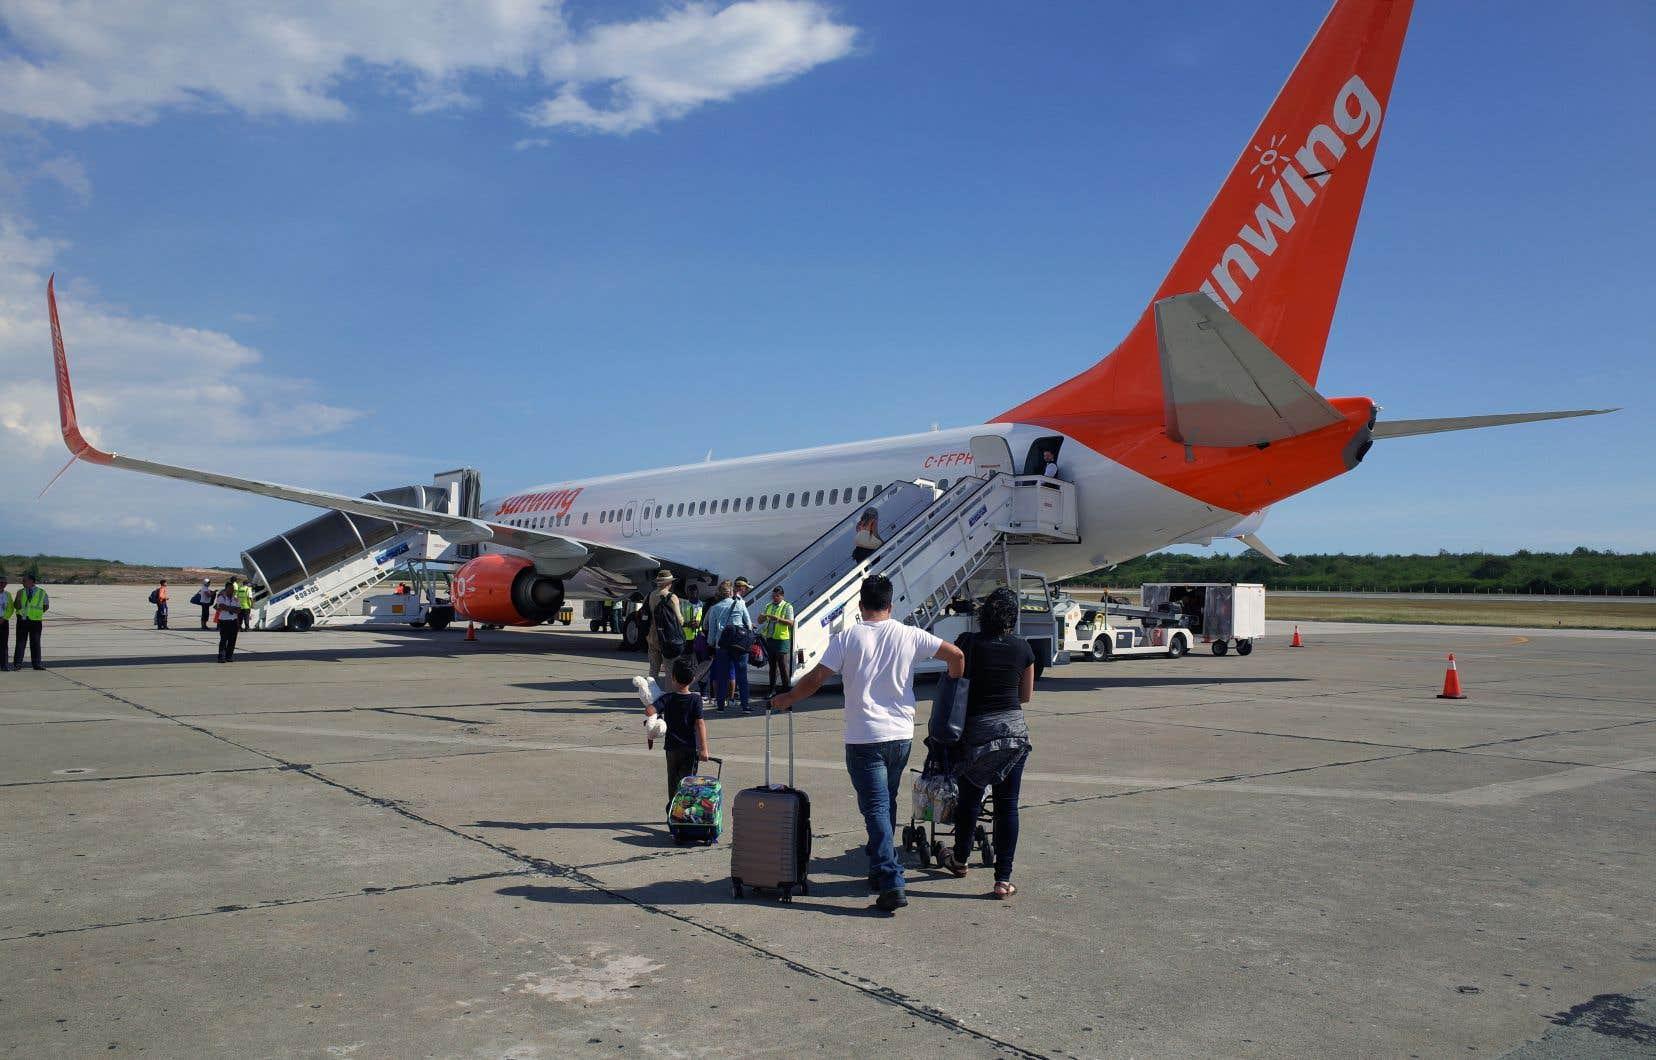 La flotte de Sunwing sera entièrement composée de Boeing 737-800 (photo), l'entreprise ayant retiré de l'horaire hivernal tous ses Boeing 737 MAX.